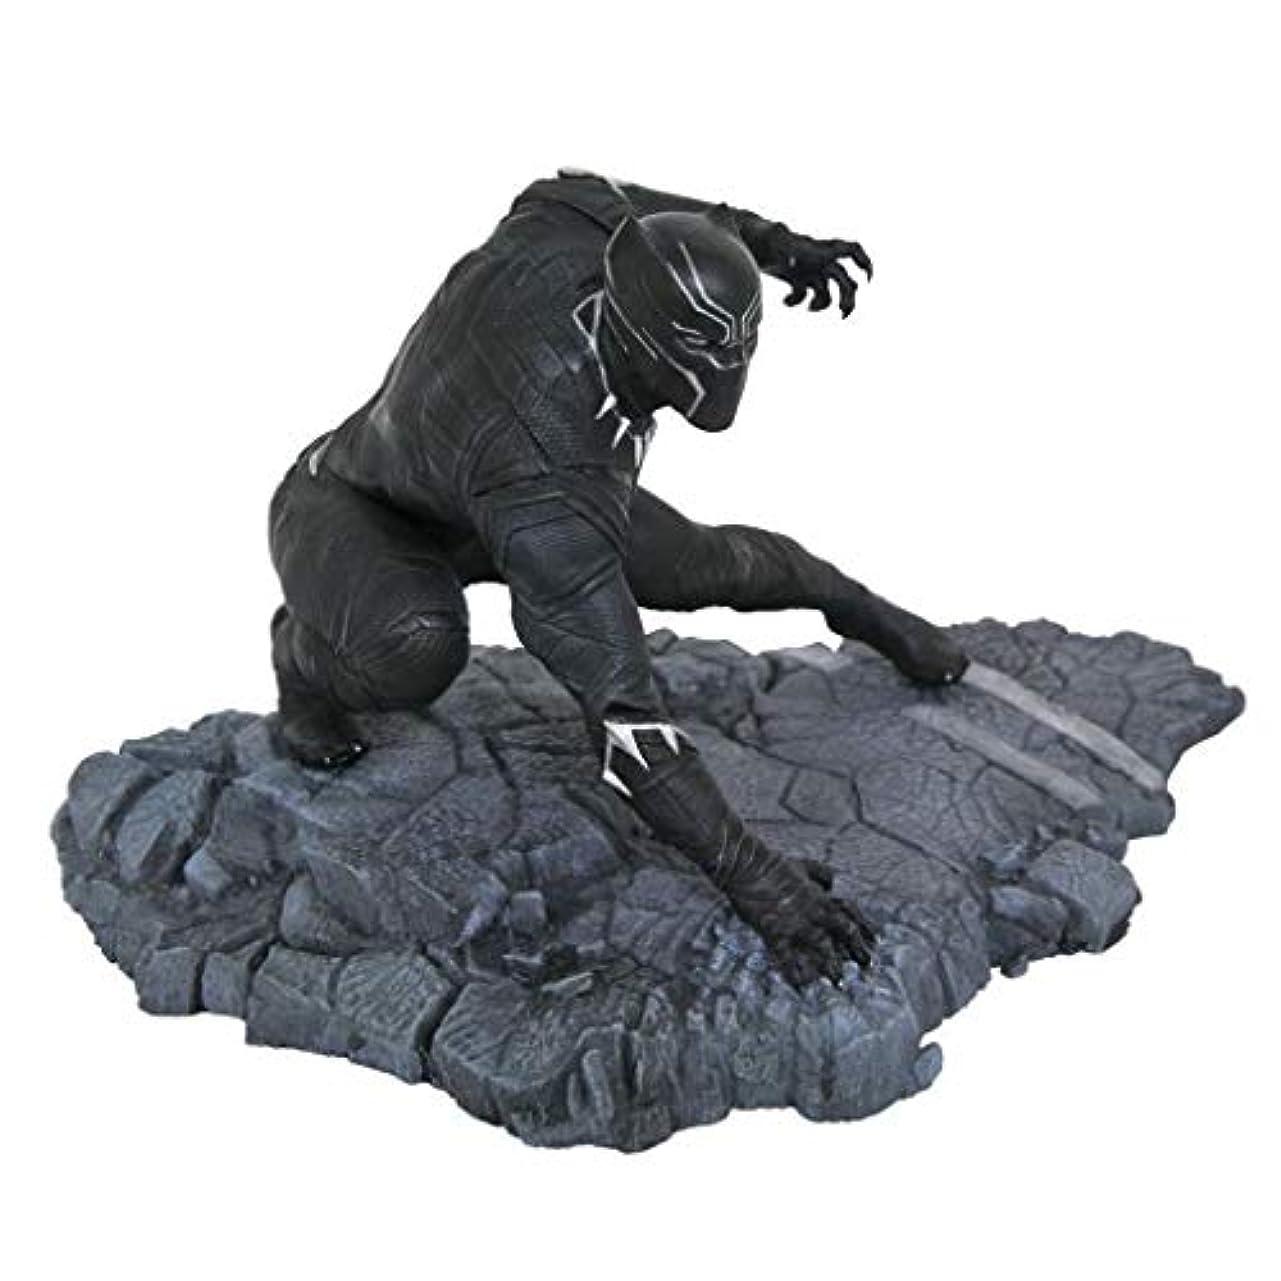 服を洗う放射能不安玩具像玩具モデル漫画キャラクターブラックパンサー映画シリーズキャラクターお土産像15センチ Hyococ